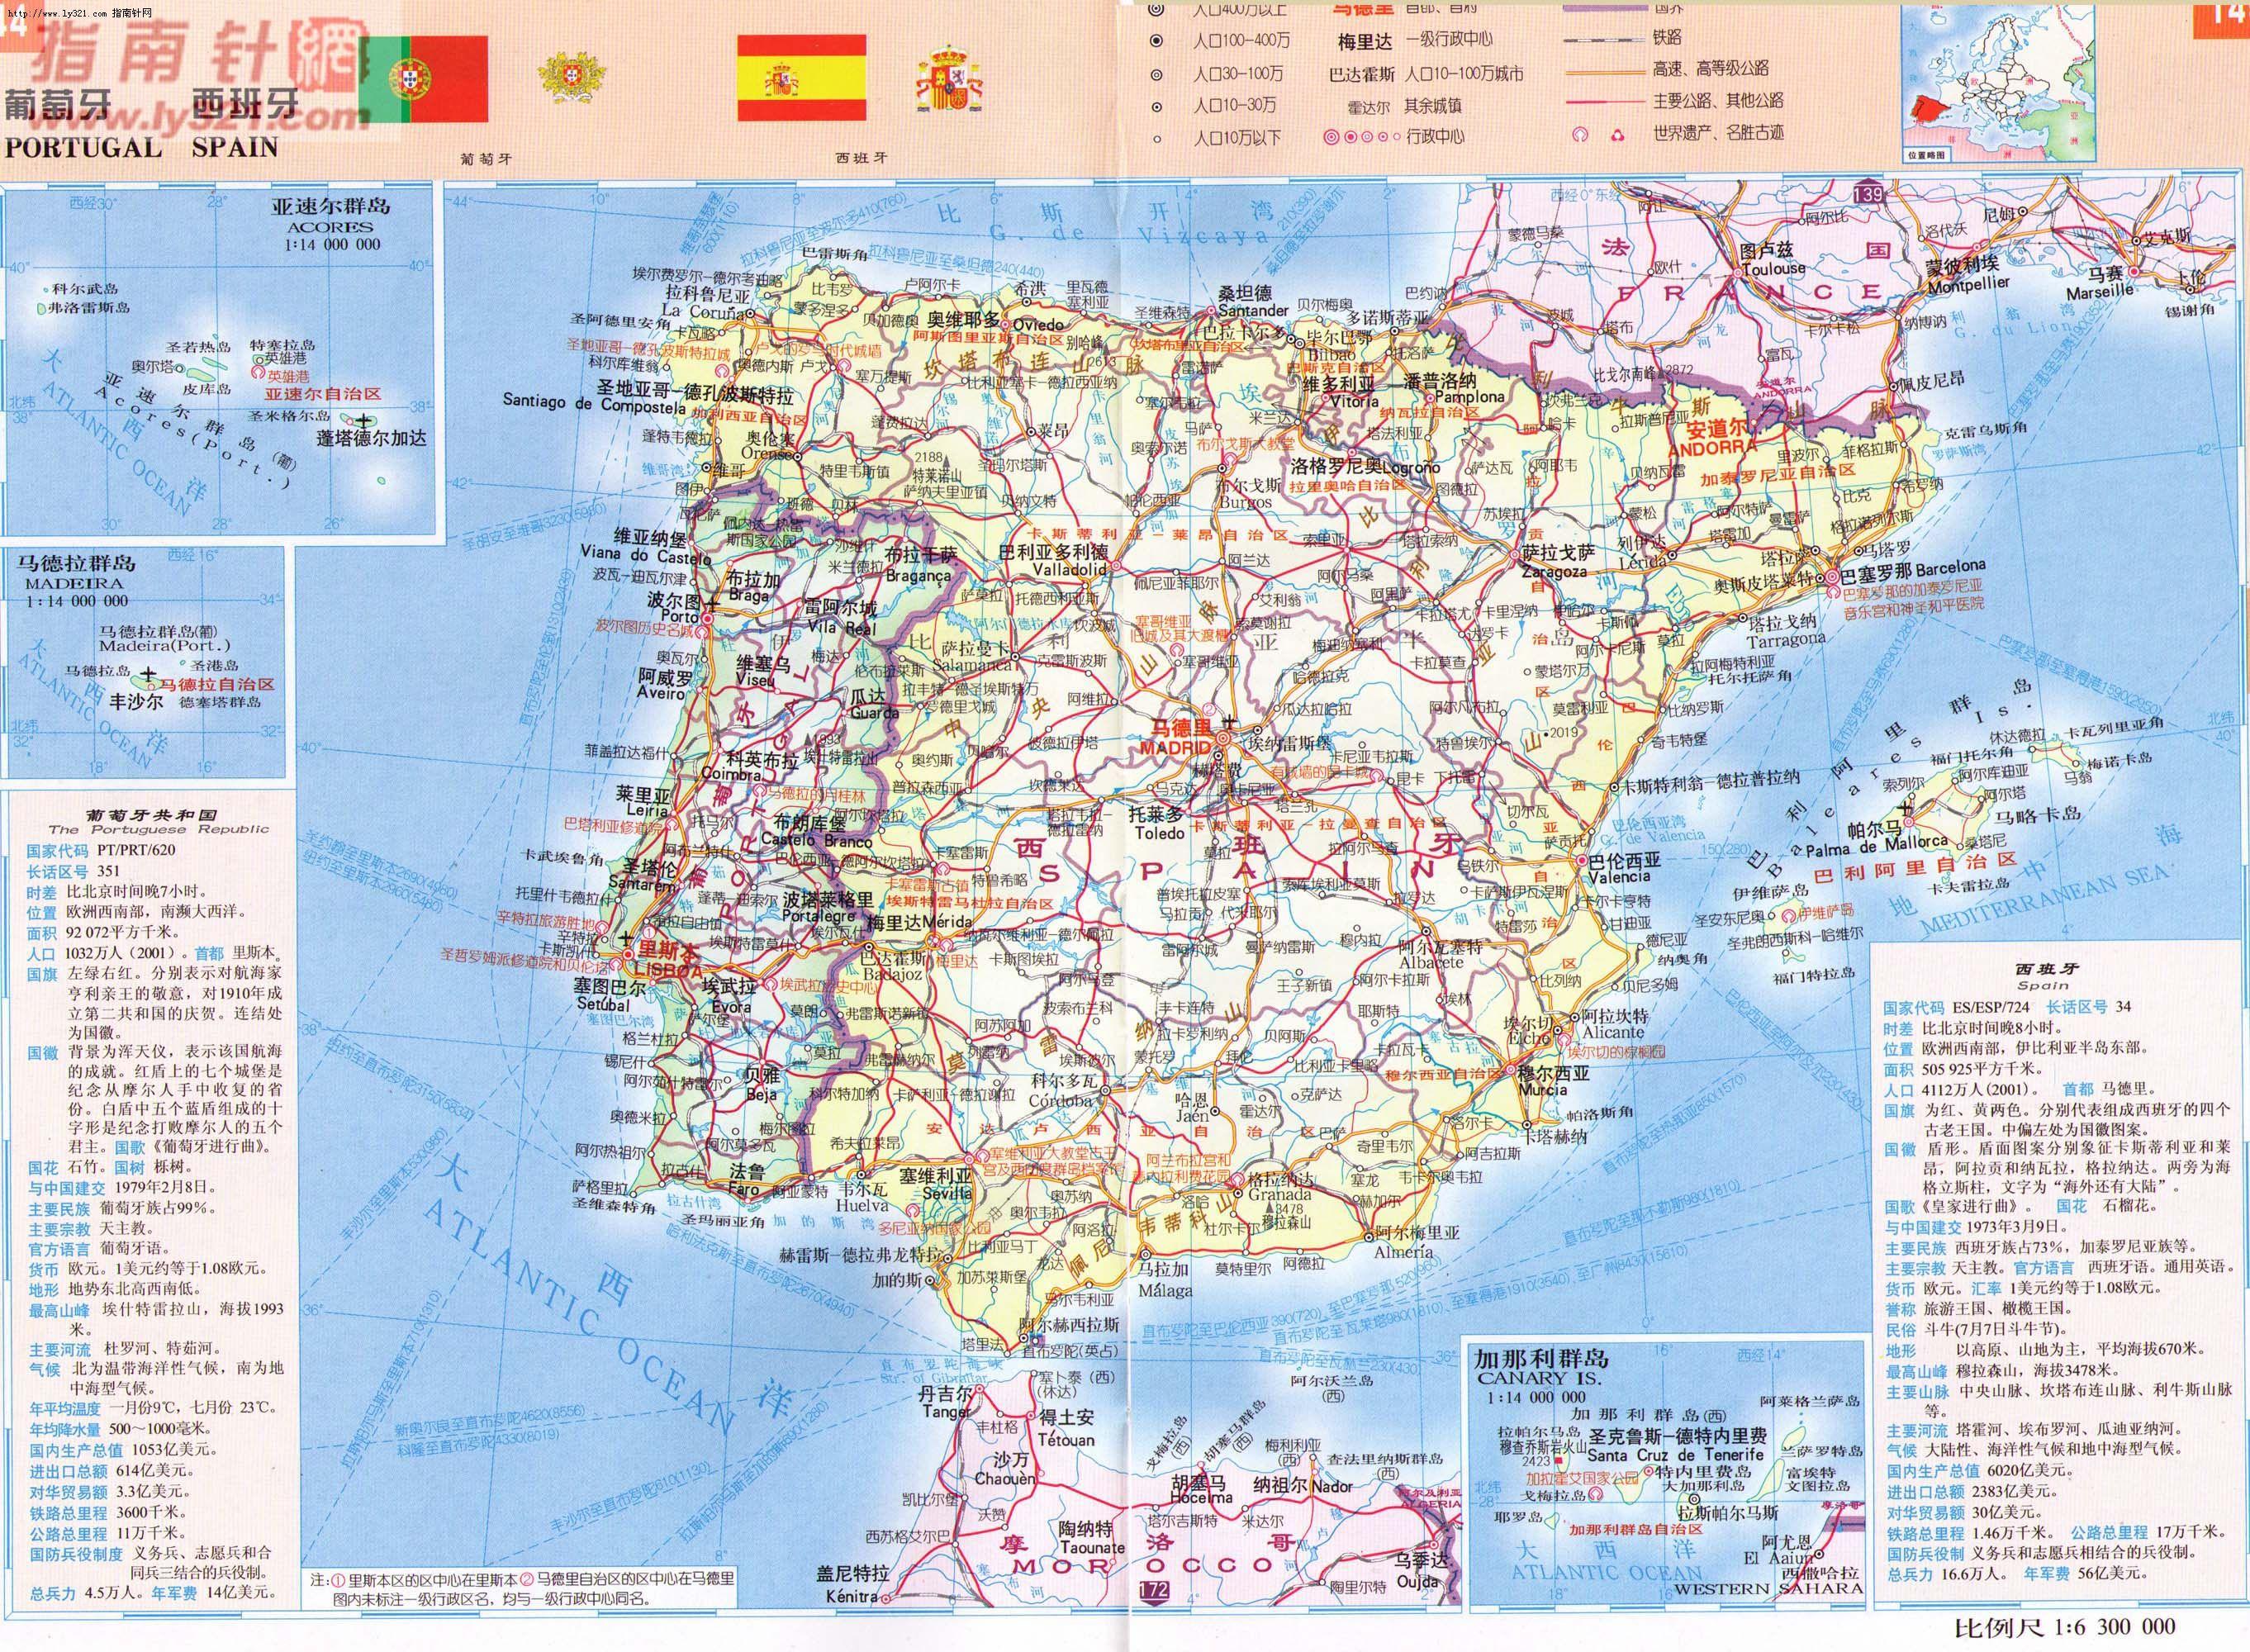 葡萄牙地图_欧洲旅游景点地图查询